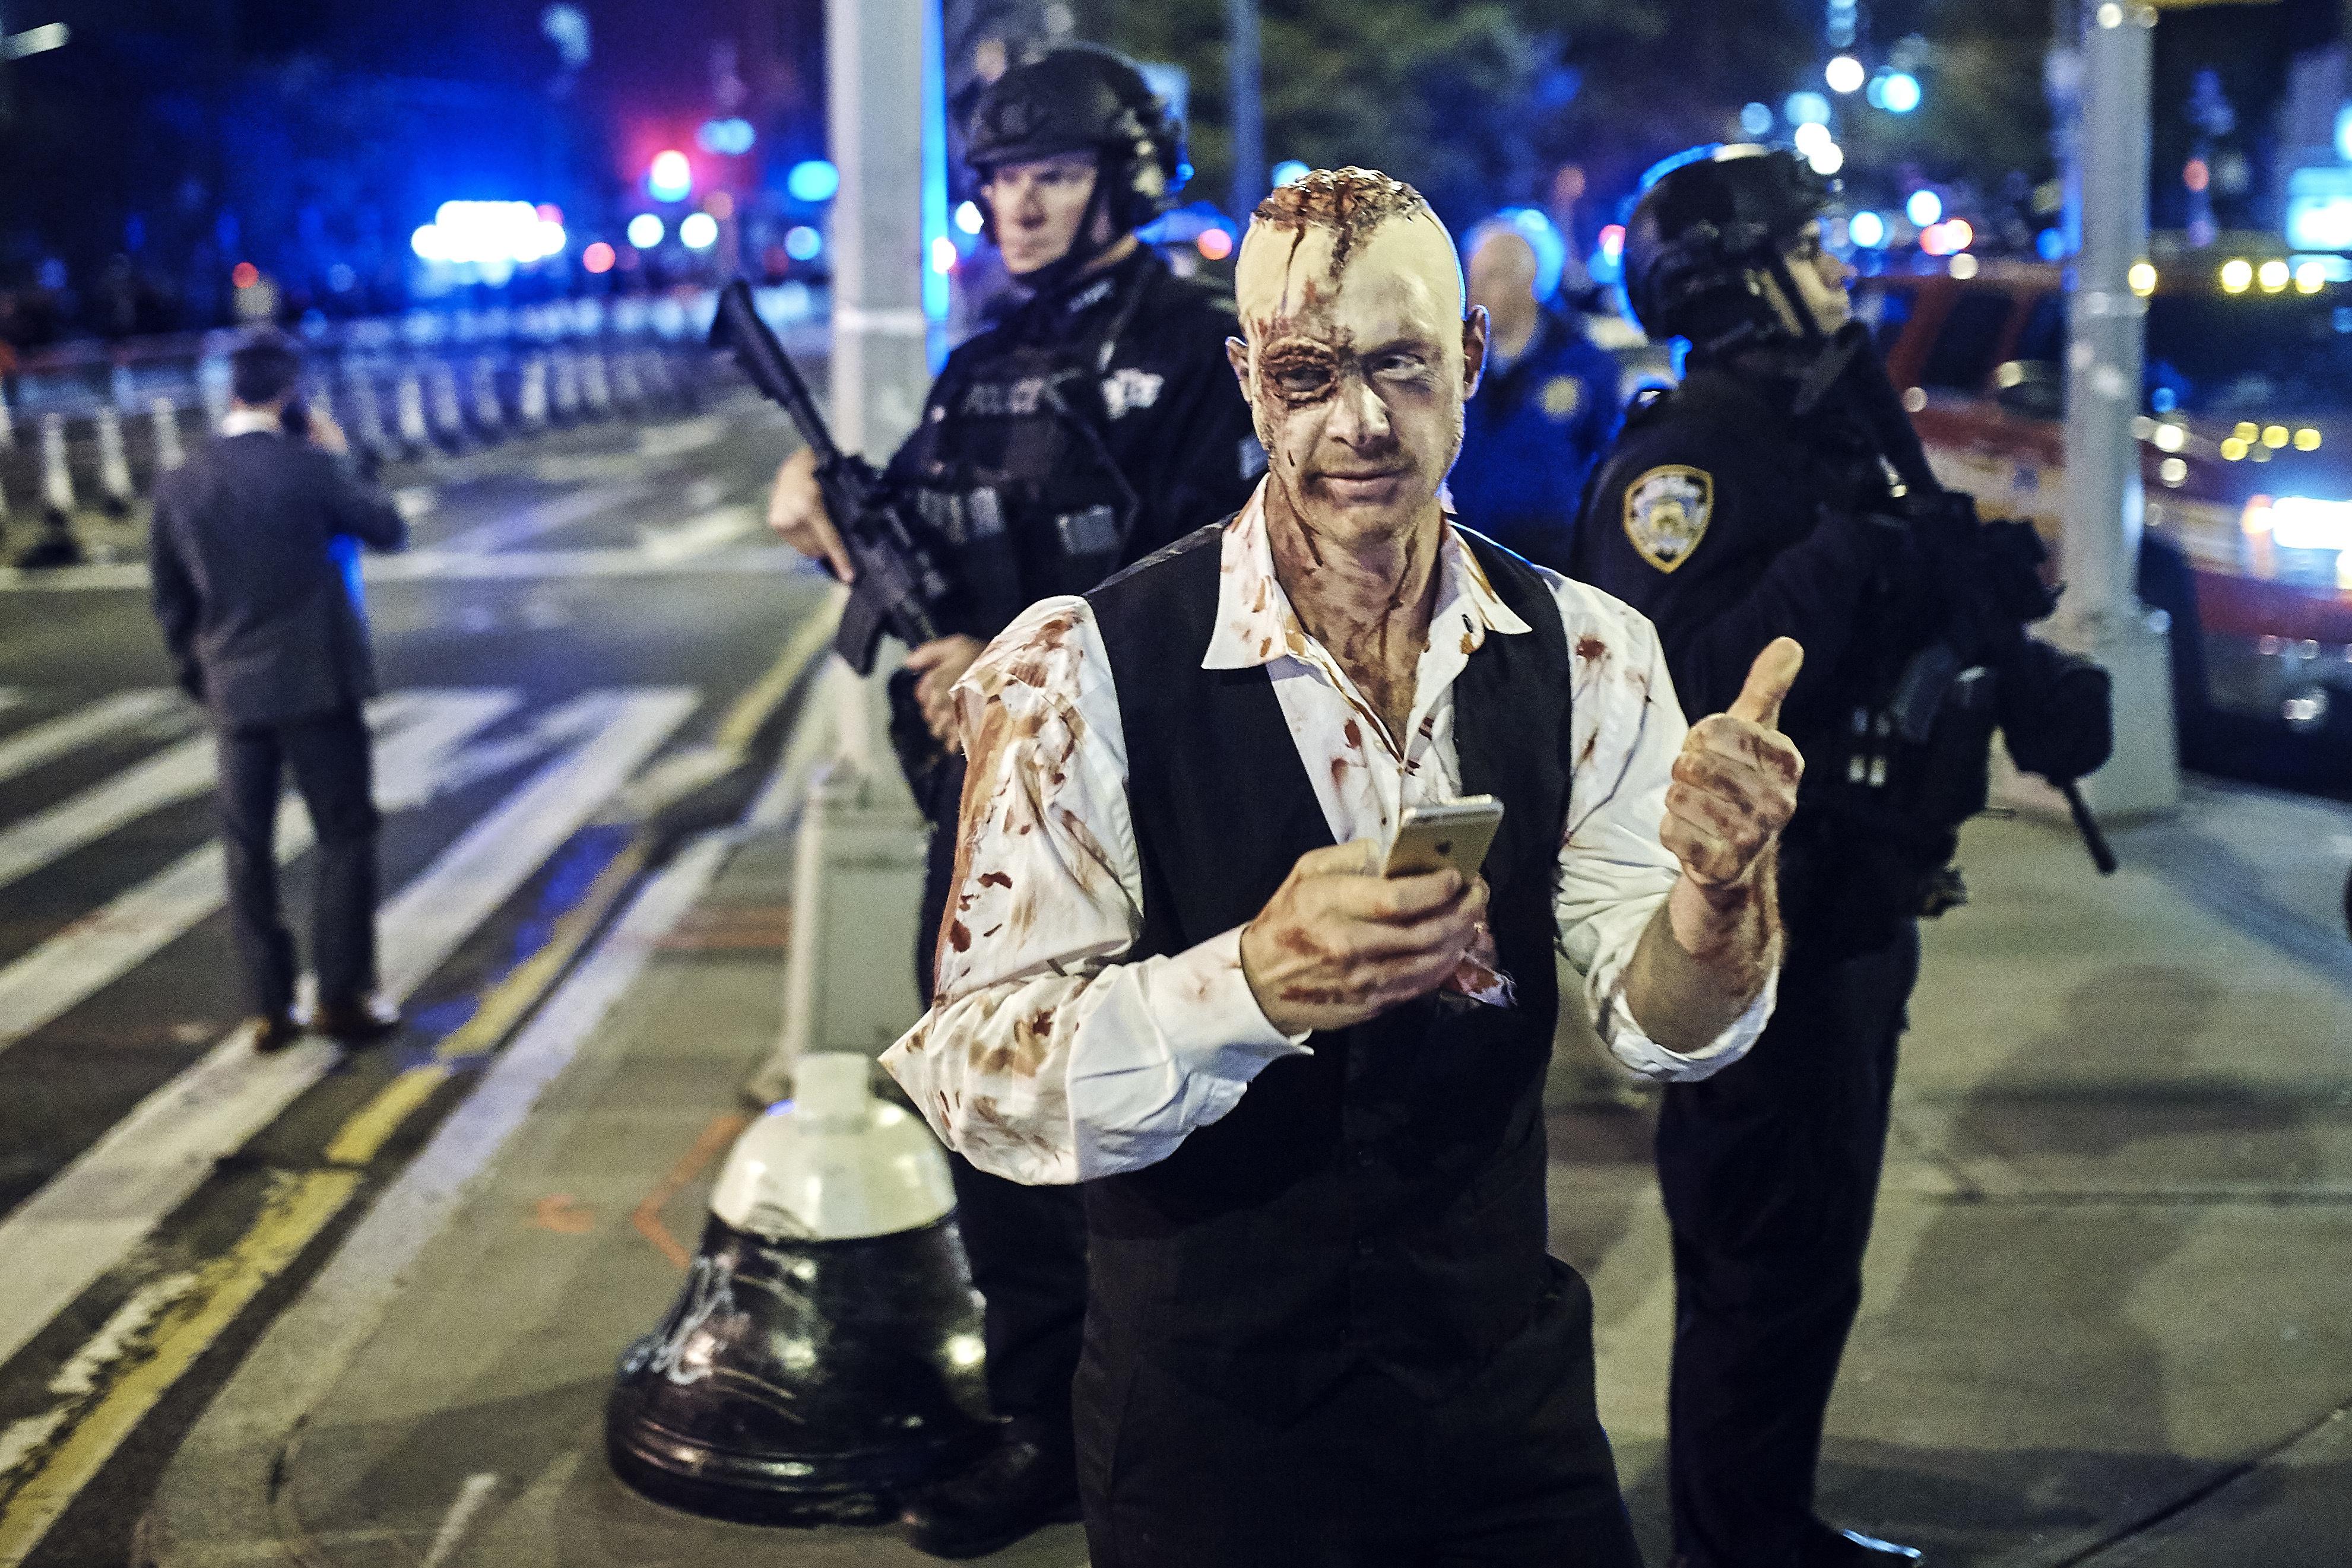 المشاركون في احتفالات هالوين يرتدون أزياء بعضها مرعبة أحيانا